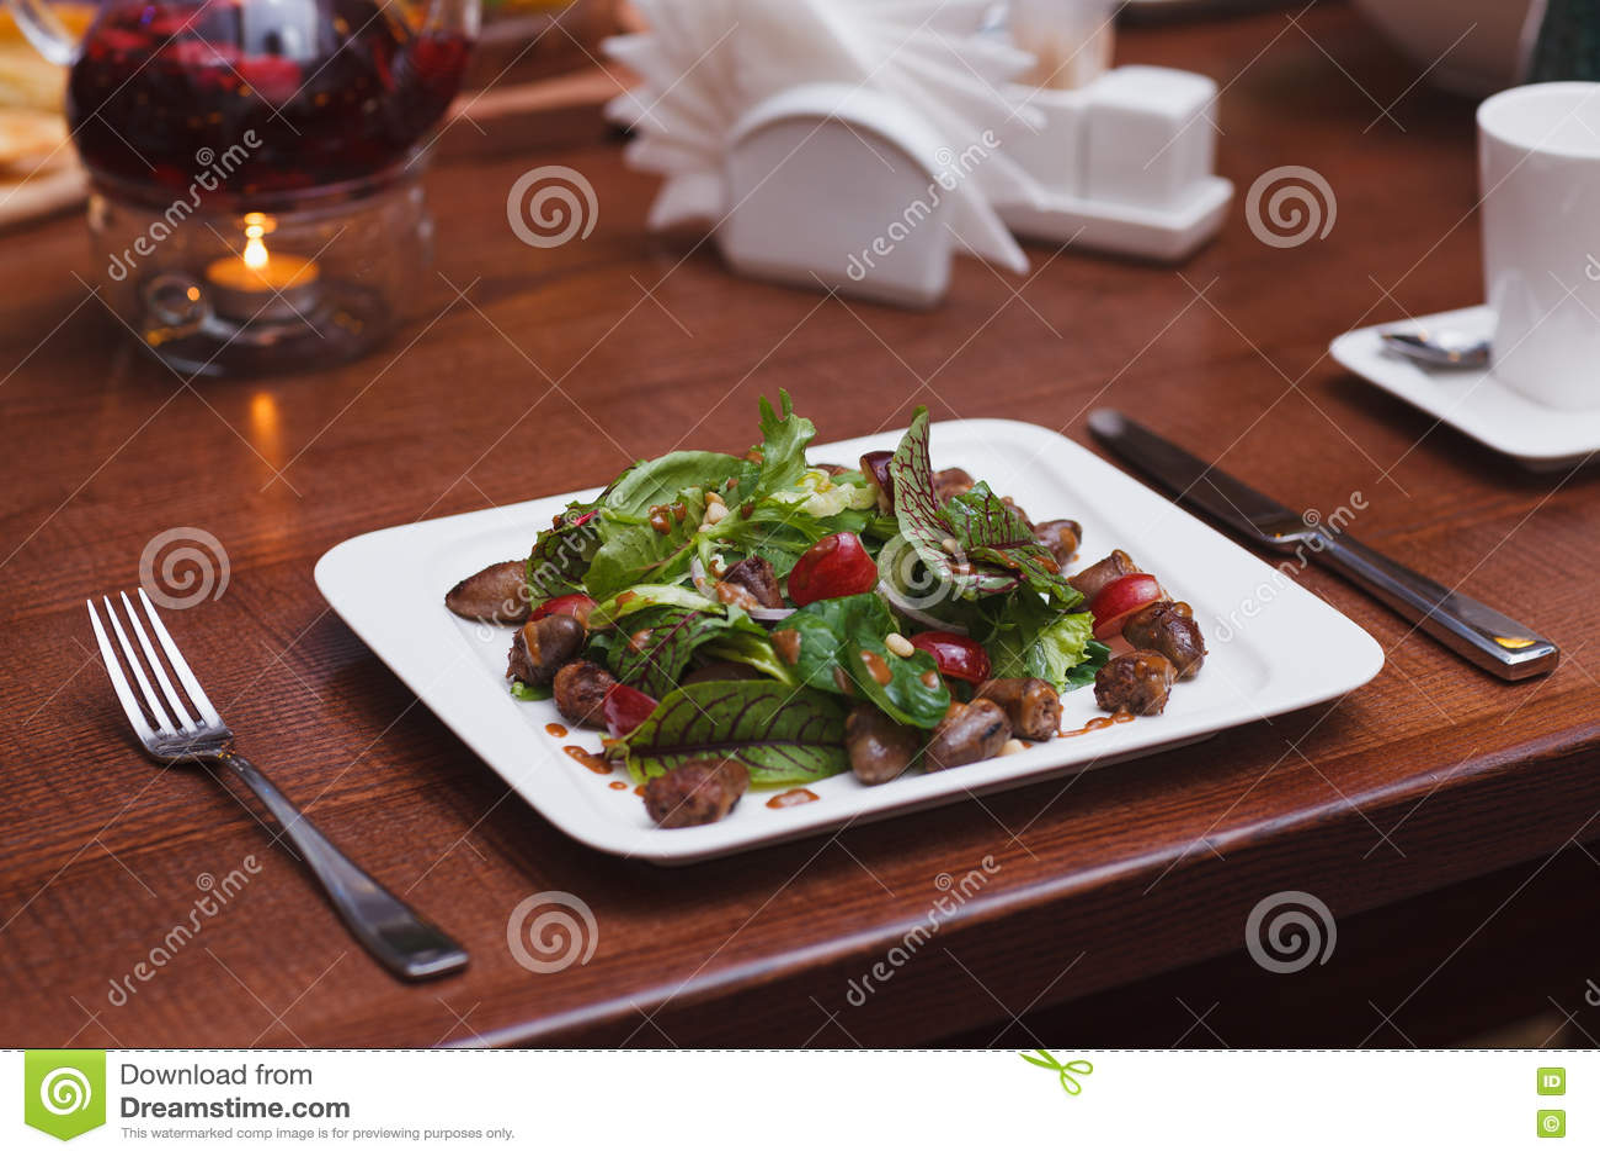 Ensalada de la comida del restaurante en la tabla